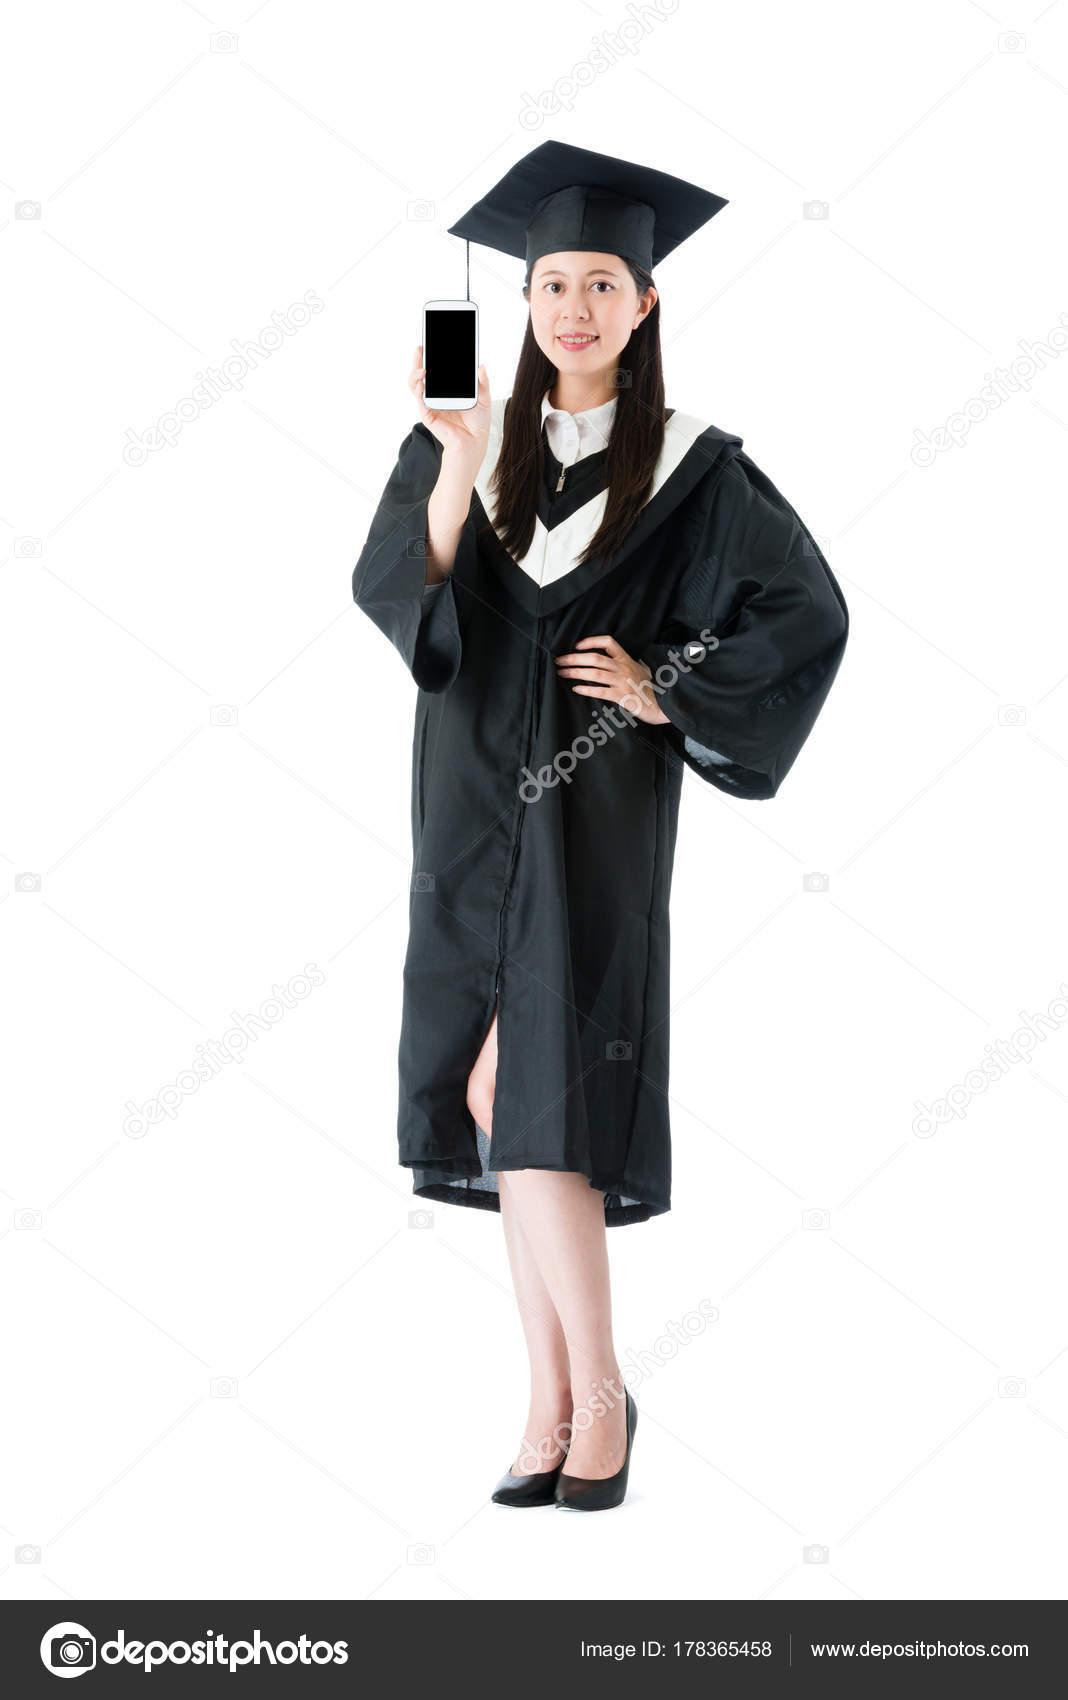 f845a3e9a Segura mujer elegante con graduación ropa de pie sobre el rostro a la  cámara mostrando del teléfono celular móvil con pantalla en blanco y fondo  blanco ...